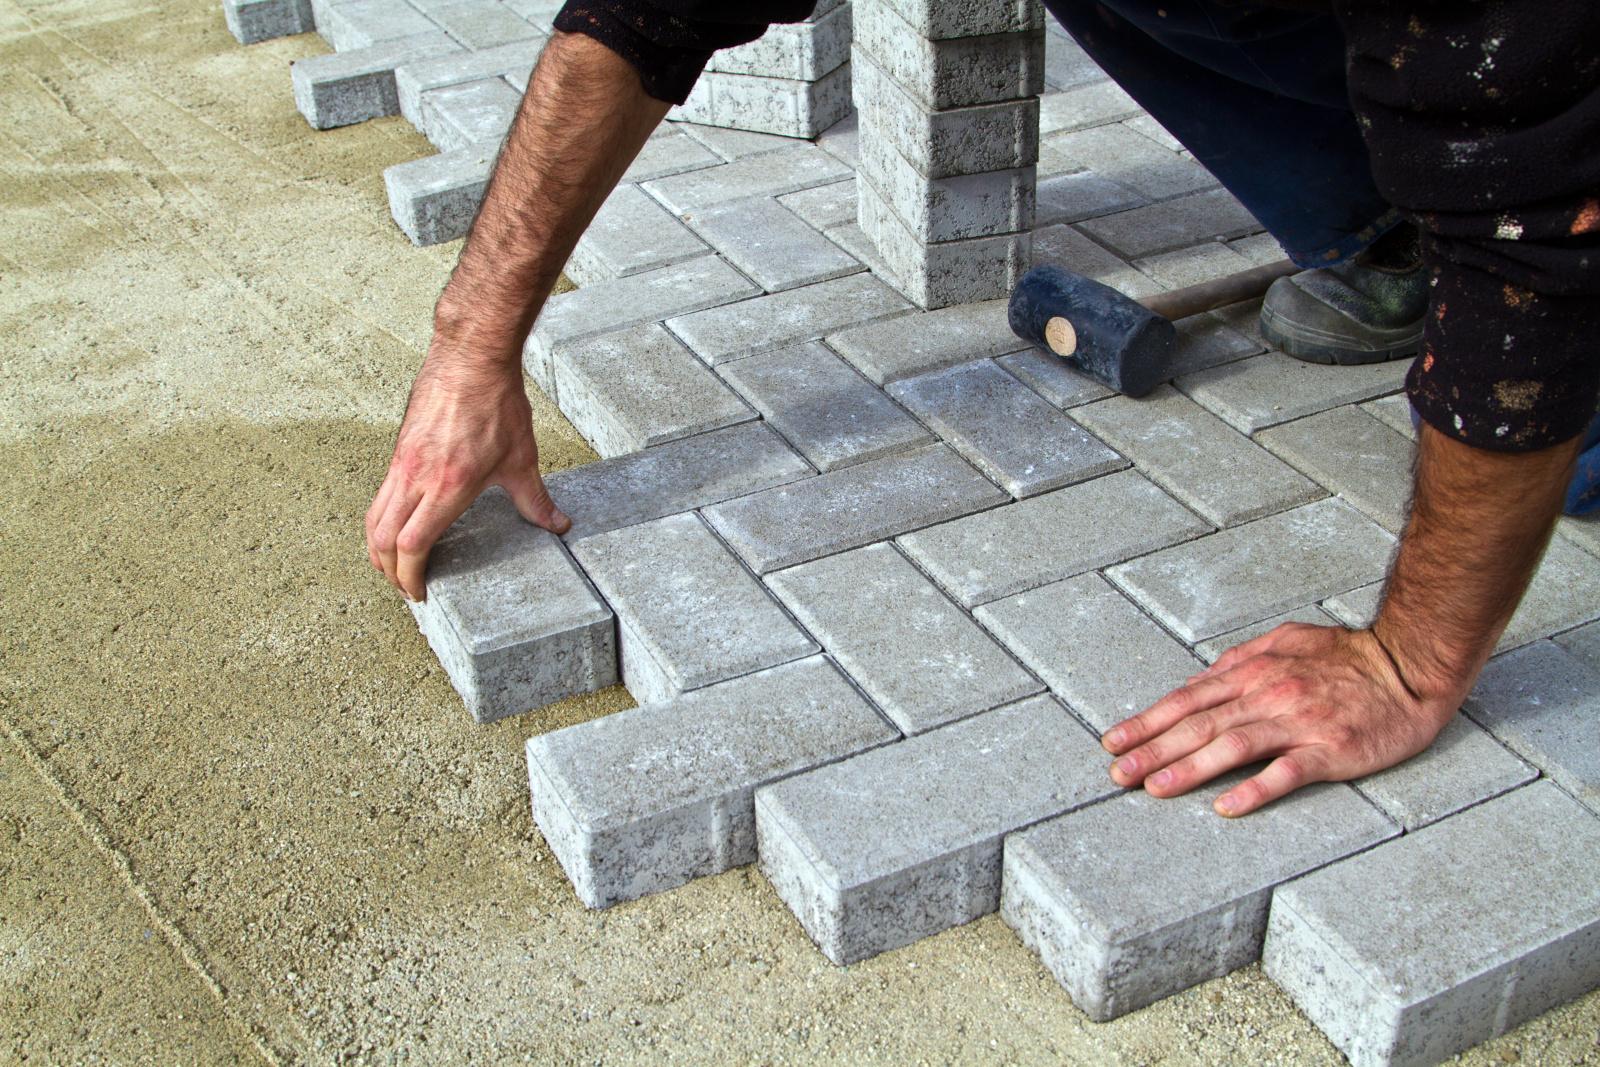 Guten Entreprenad är ett familjeägt företag som utför allt inom stenläggning i Stockholm